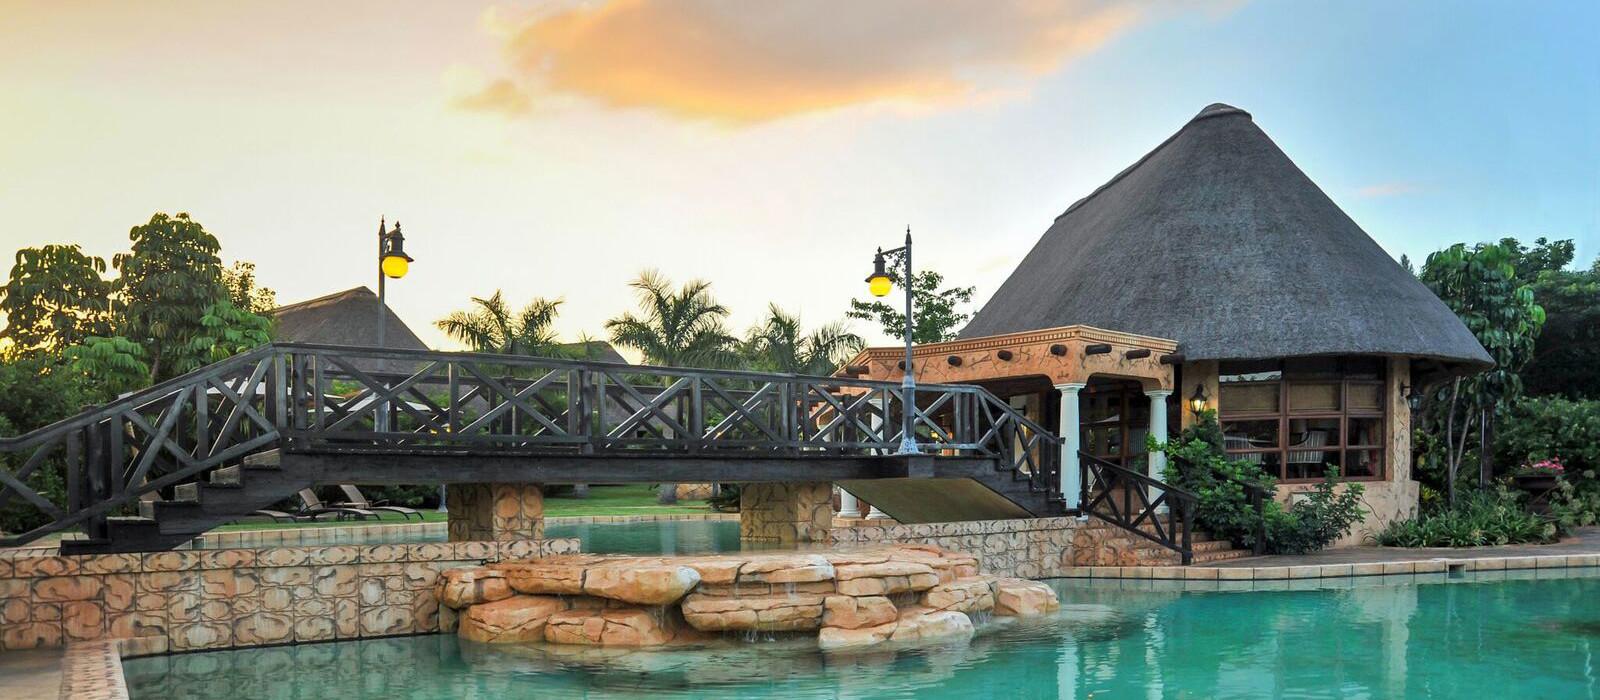 Hotel Summerfield Luxury  & Botanical Garden Swasiland